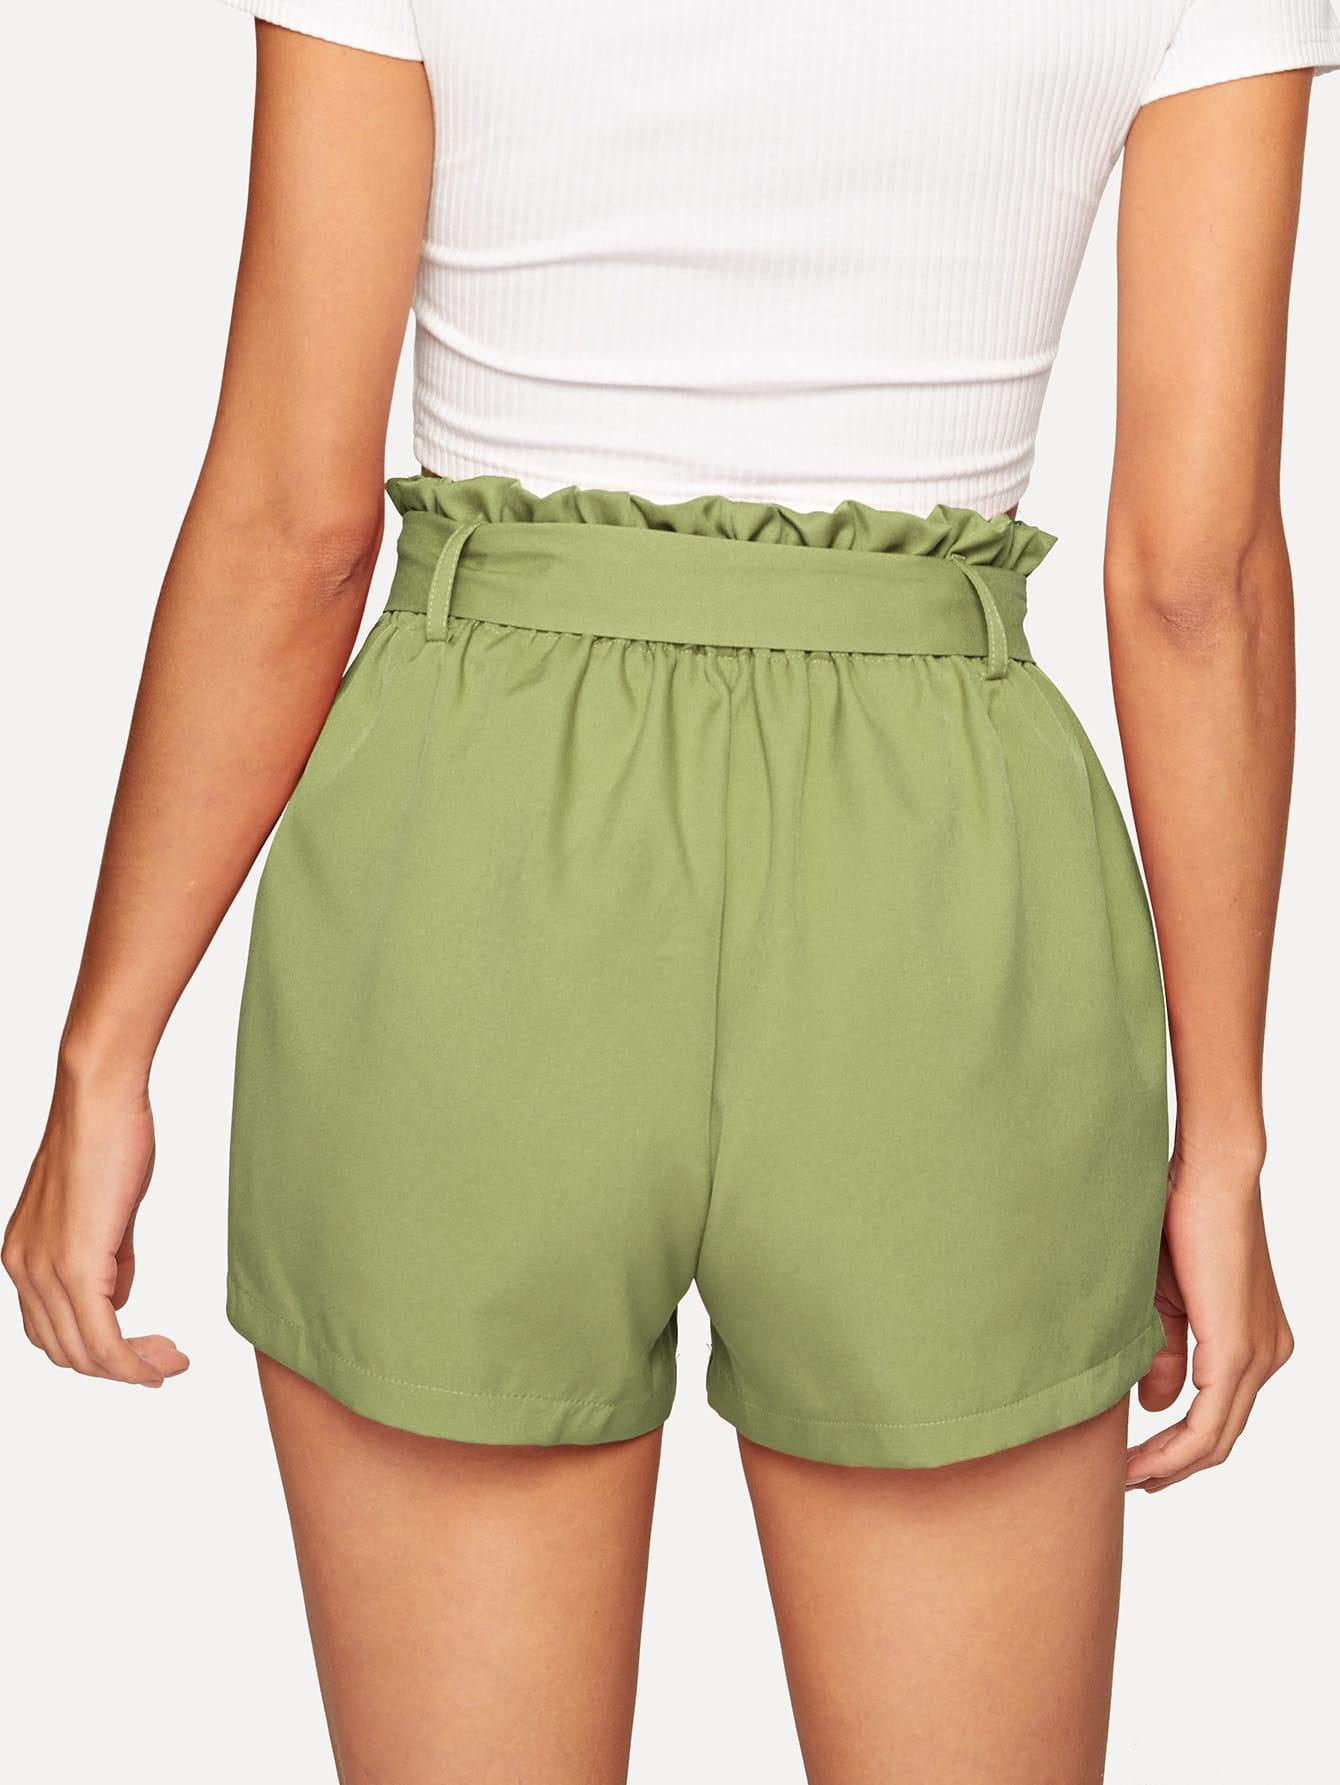 SHEIN / Shorts sólidos con volante con cinturón